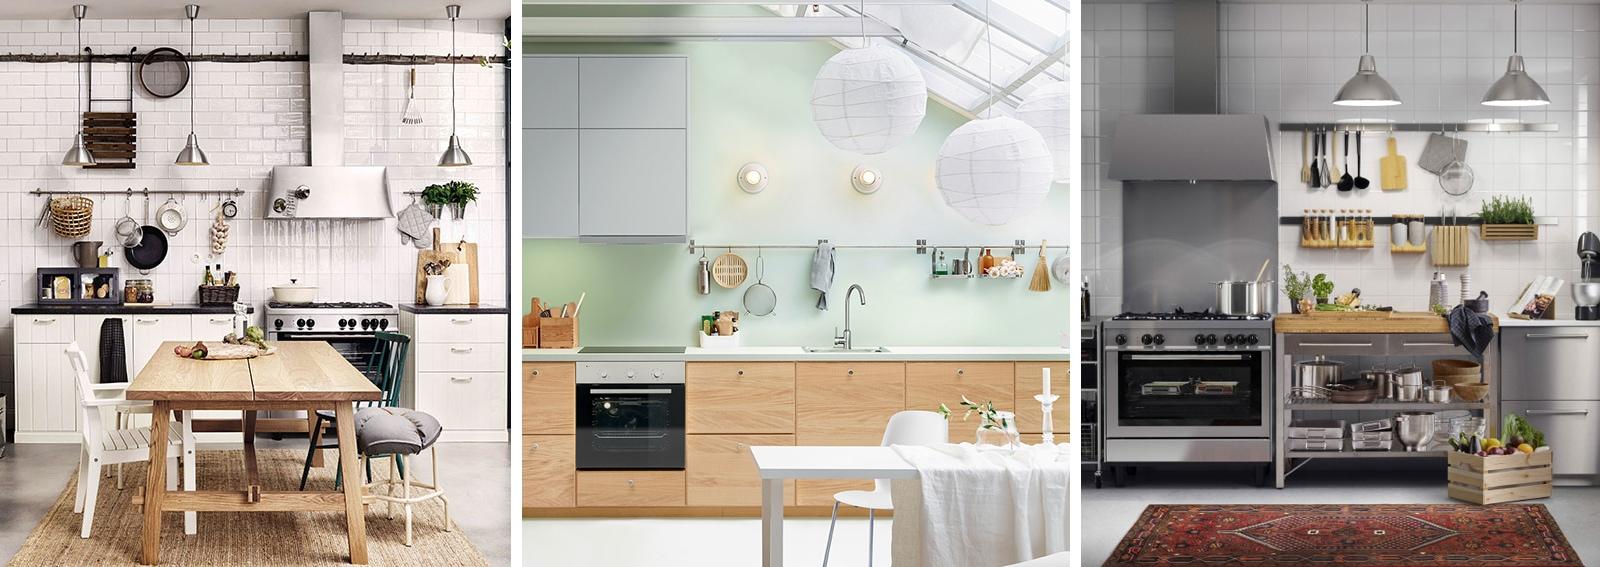 Soggiorno Con Angolo Cottura Ikea cucina componibile ikea metod hyttan. cucine ikea catalogo